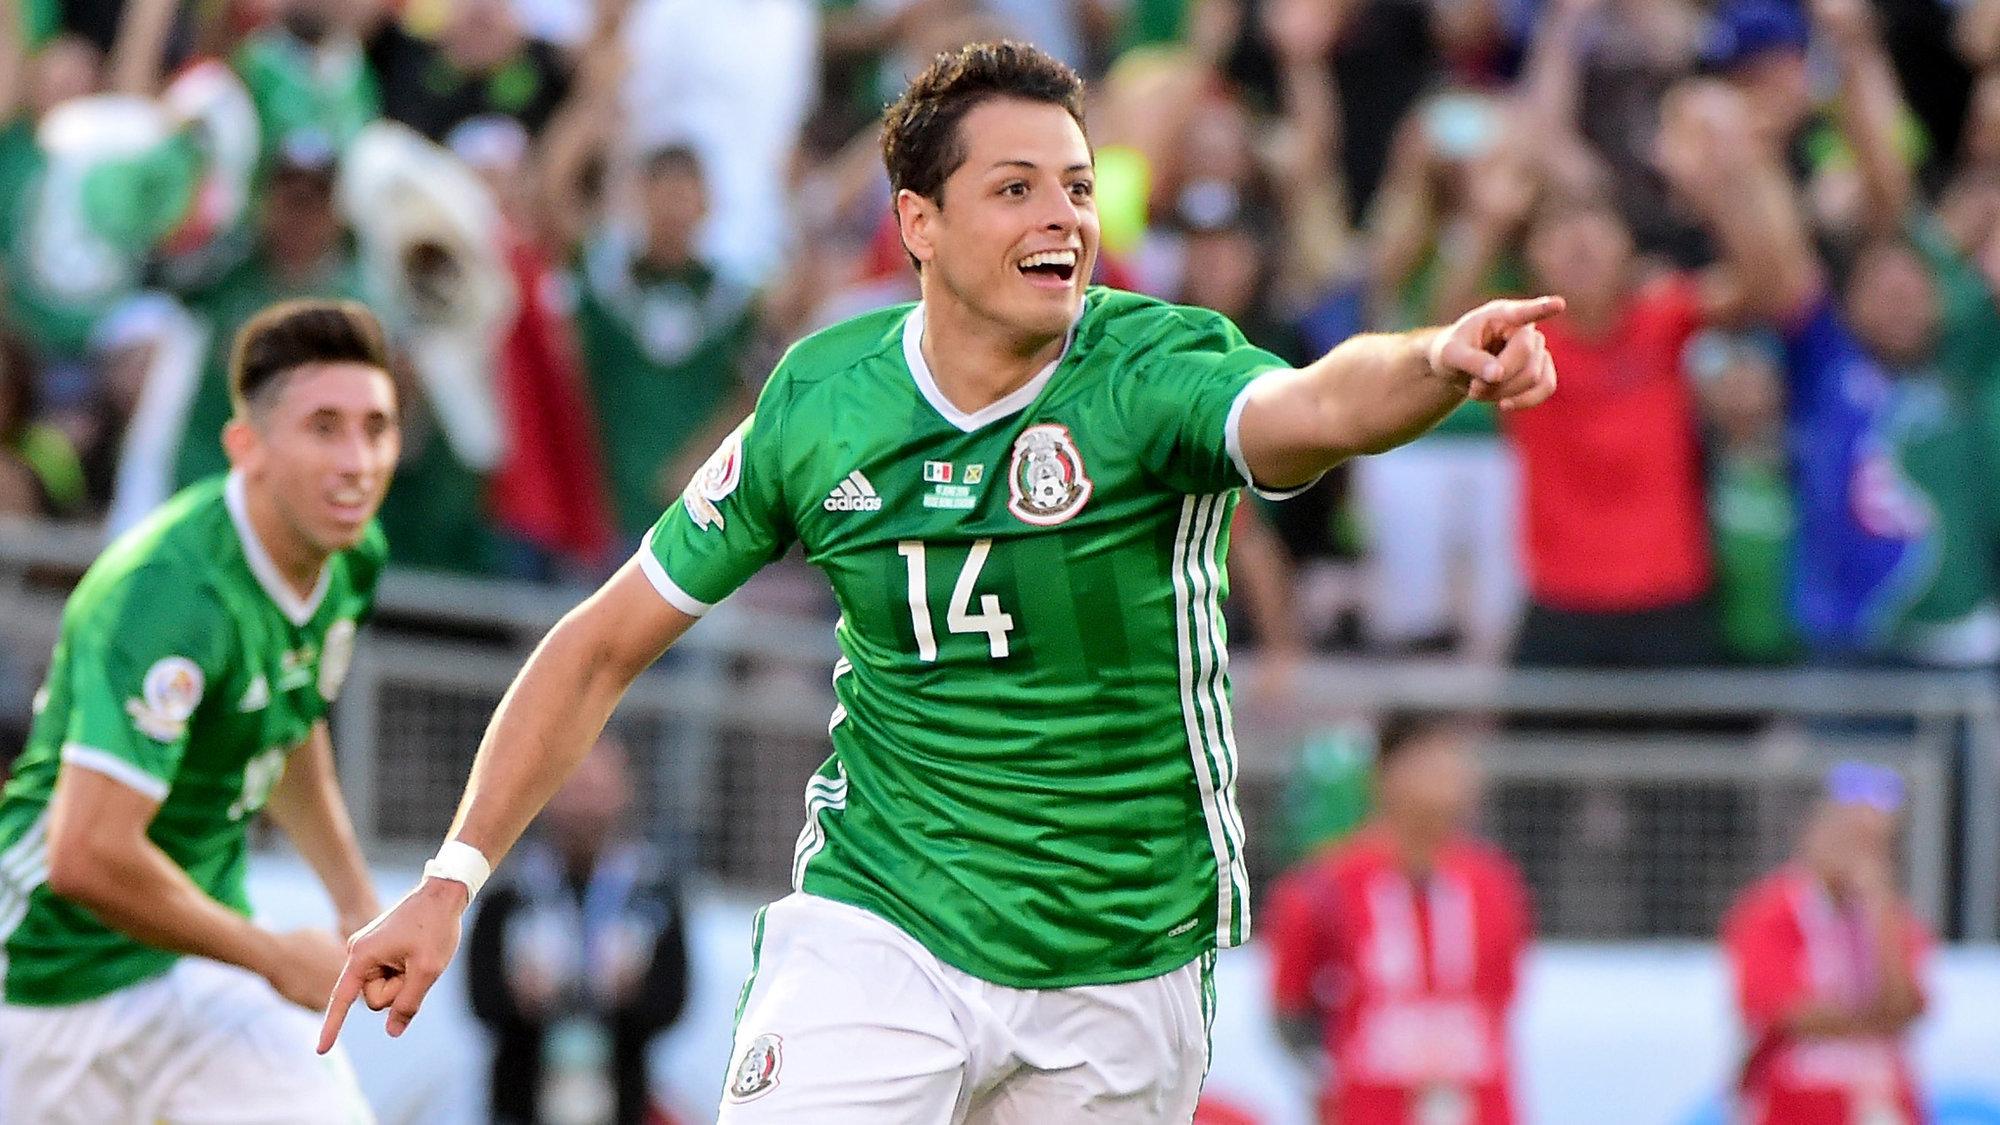 Криштиану Роналду выйдет встартовом составе сборной Португалии наматч сМексикой